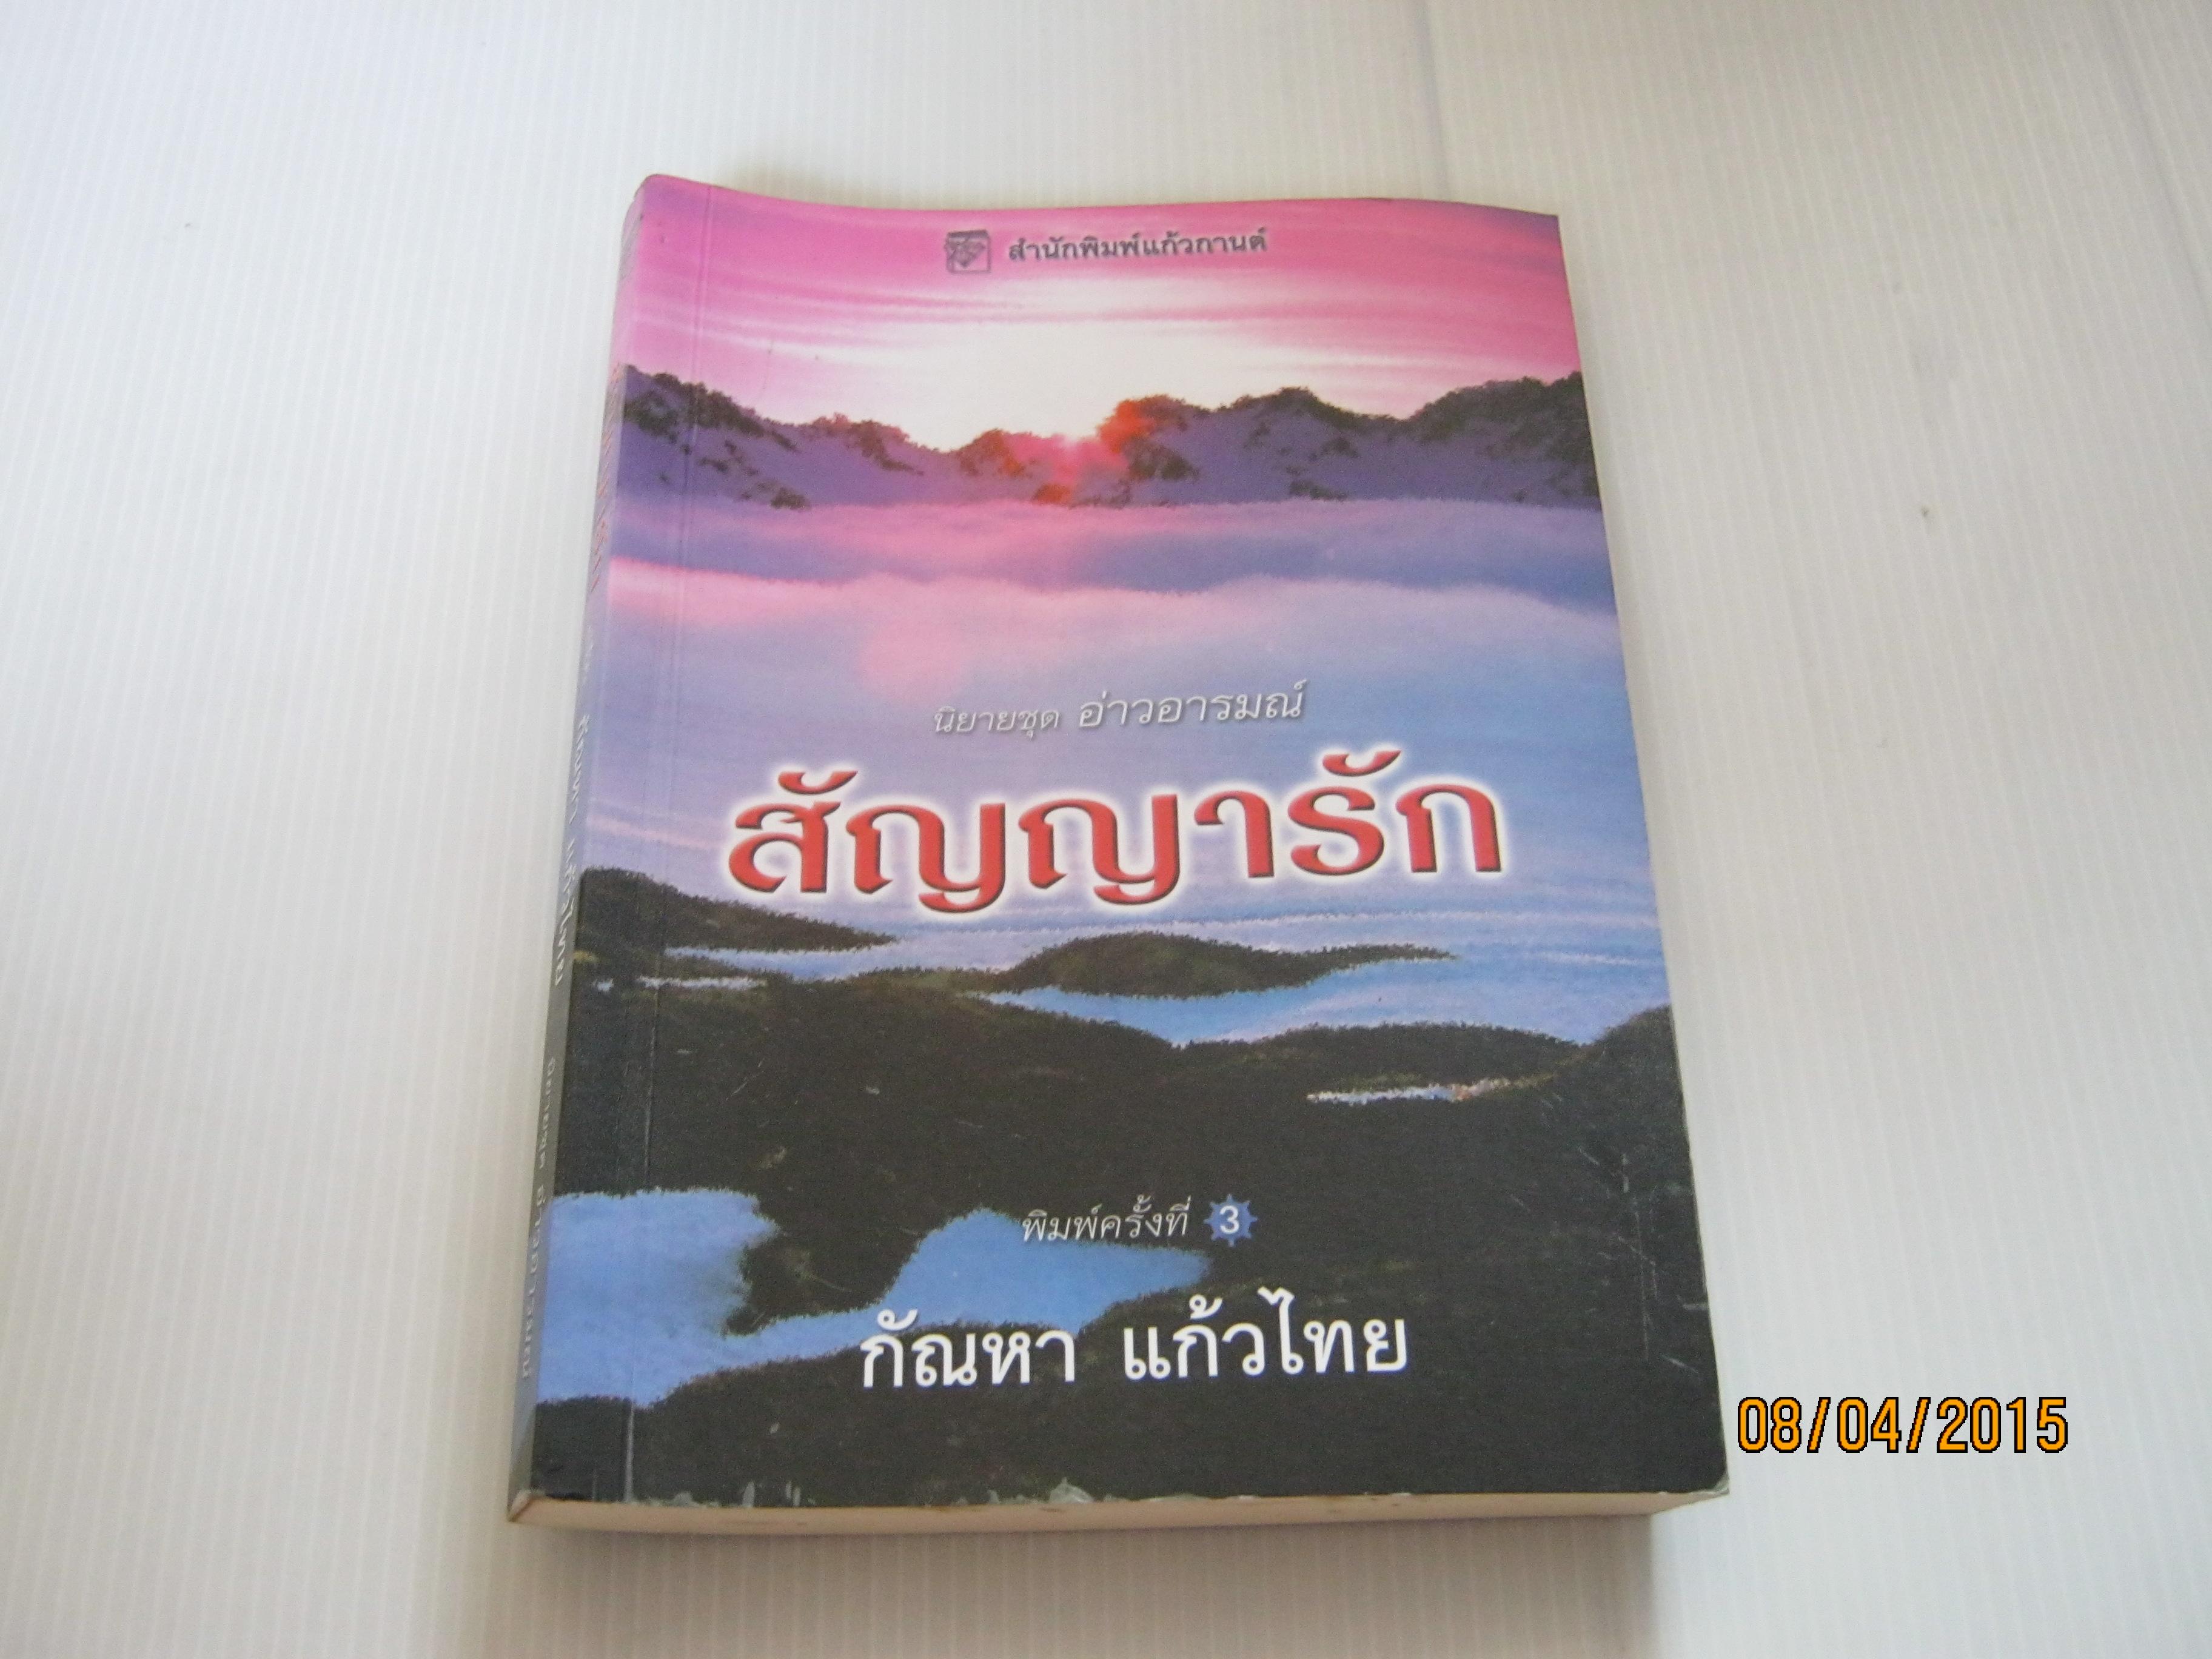 นิยายชุดอ่าวอารมณ์ ตอน สัญญารัก (Man From Half-Moon Bay) พิมพ์ครั้งที่ 3 ไอริส โจแฮนเซ่น เขียน กัณหา แก้วไทย แปล